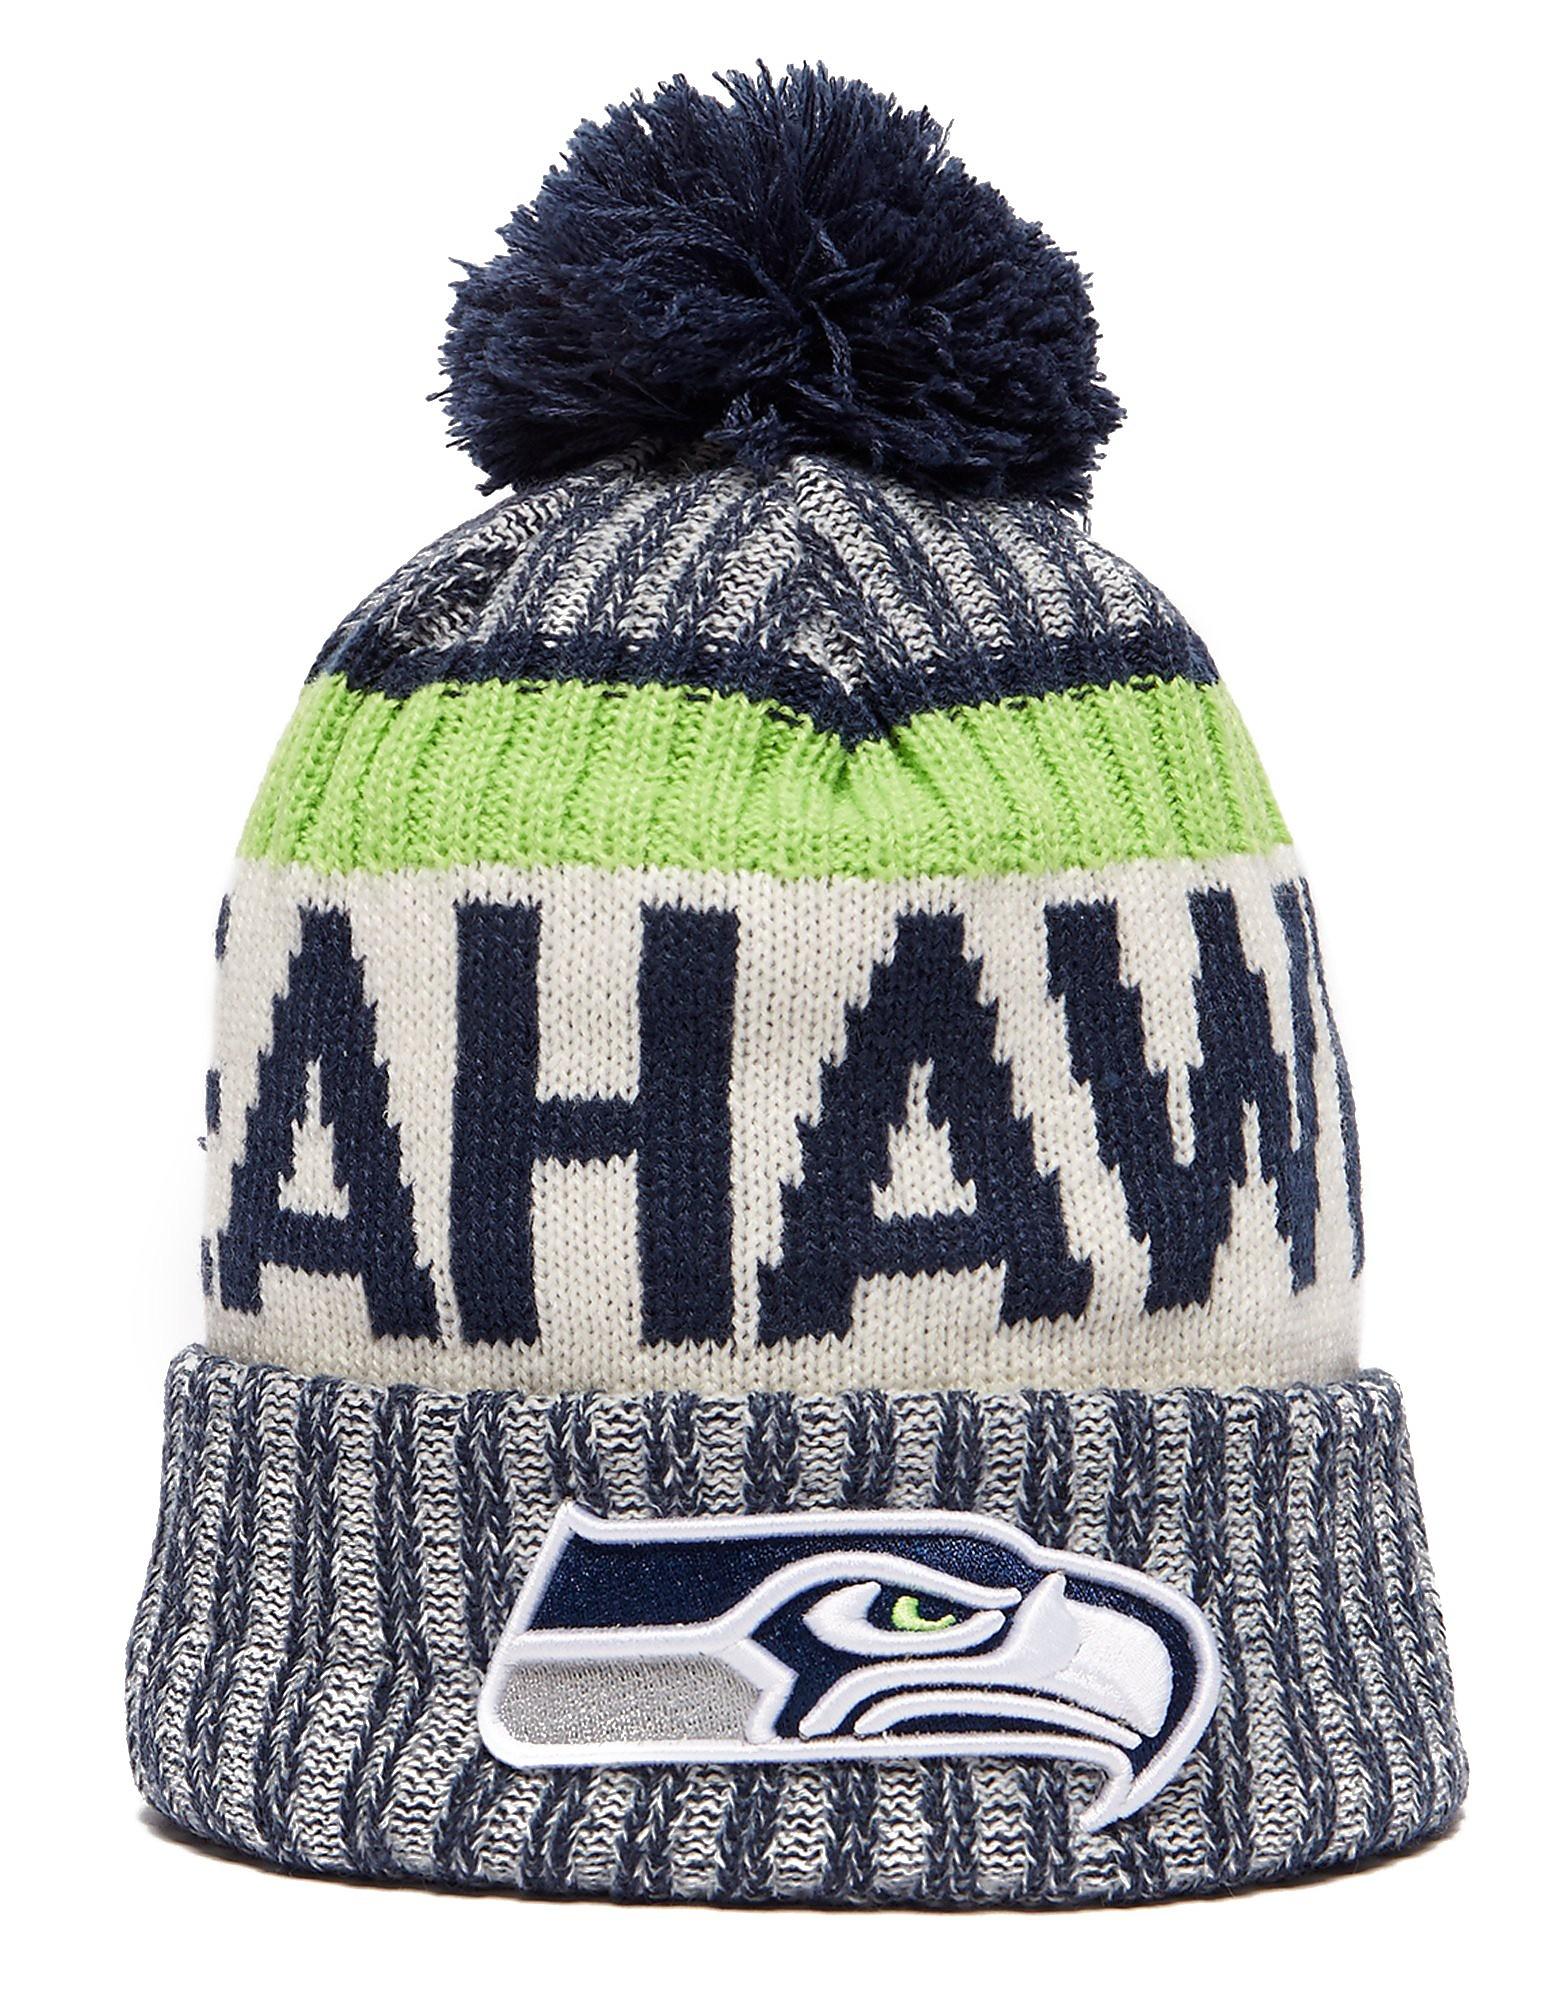 New Era Seattle Seahawks Sideline Knitted Hat